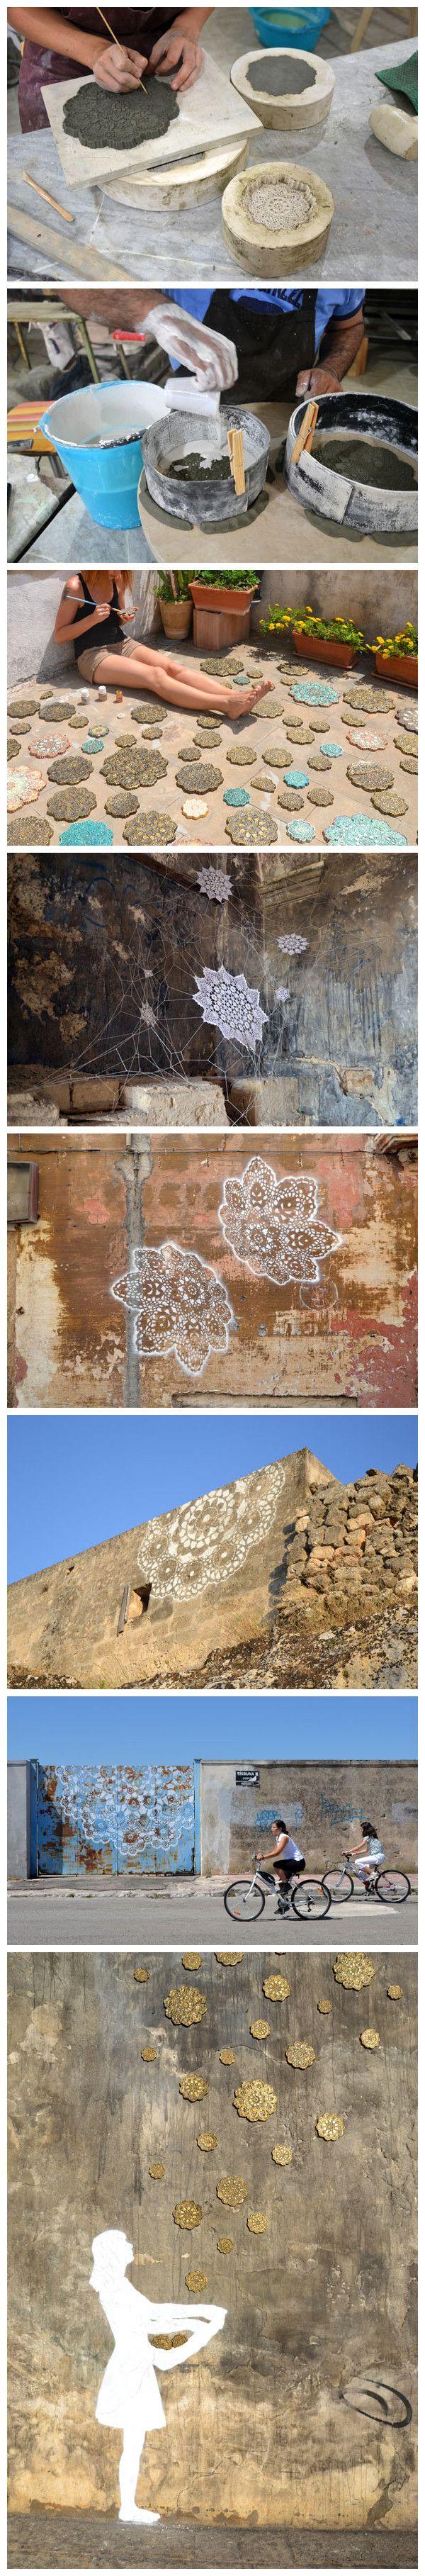 Mulheres polonesas Nespoon artistas, legal Ailei padrão Si.  Ela não apenas o padrão de renda grafite nos cantos da cidade de rua, mas também pessoalmente fazer um molde, um tipo de dispositivo de canto decorar a cidade.